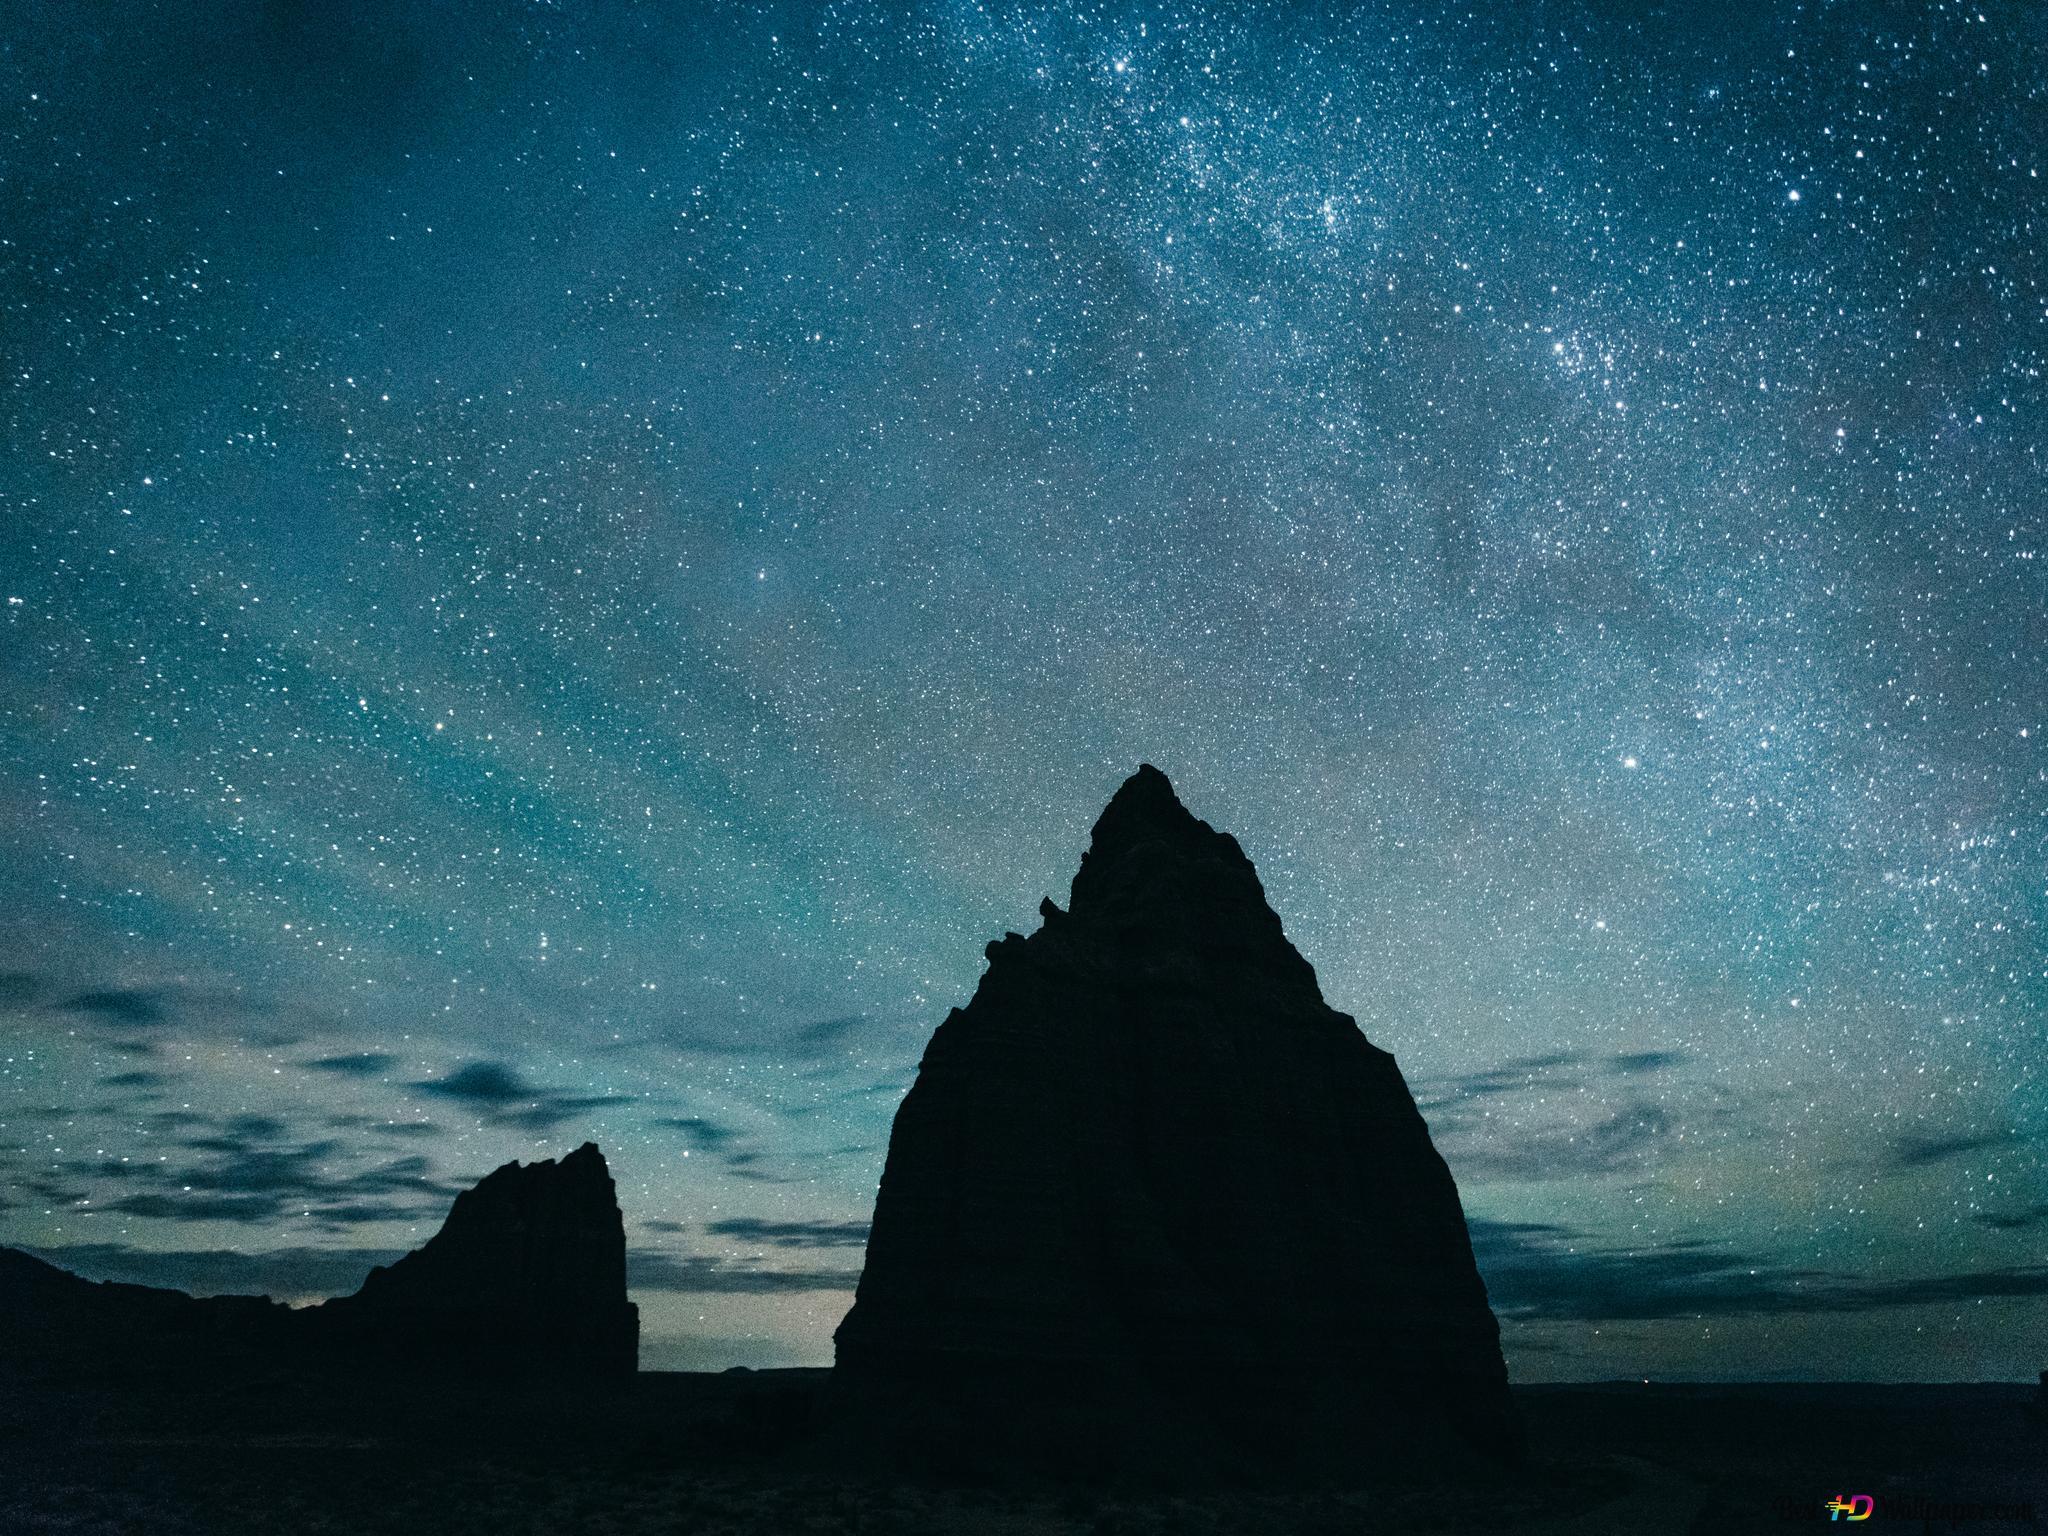 岩石上的星空背景剪影高清壁紙下載